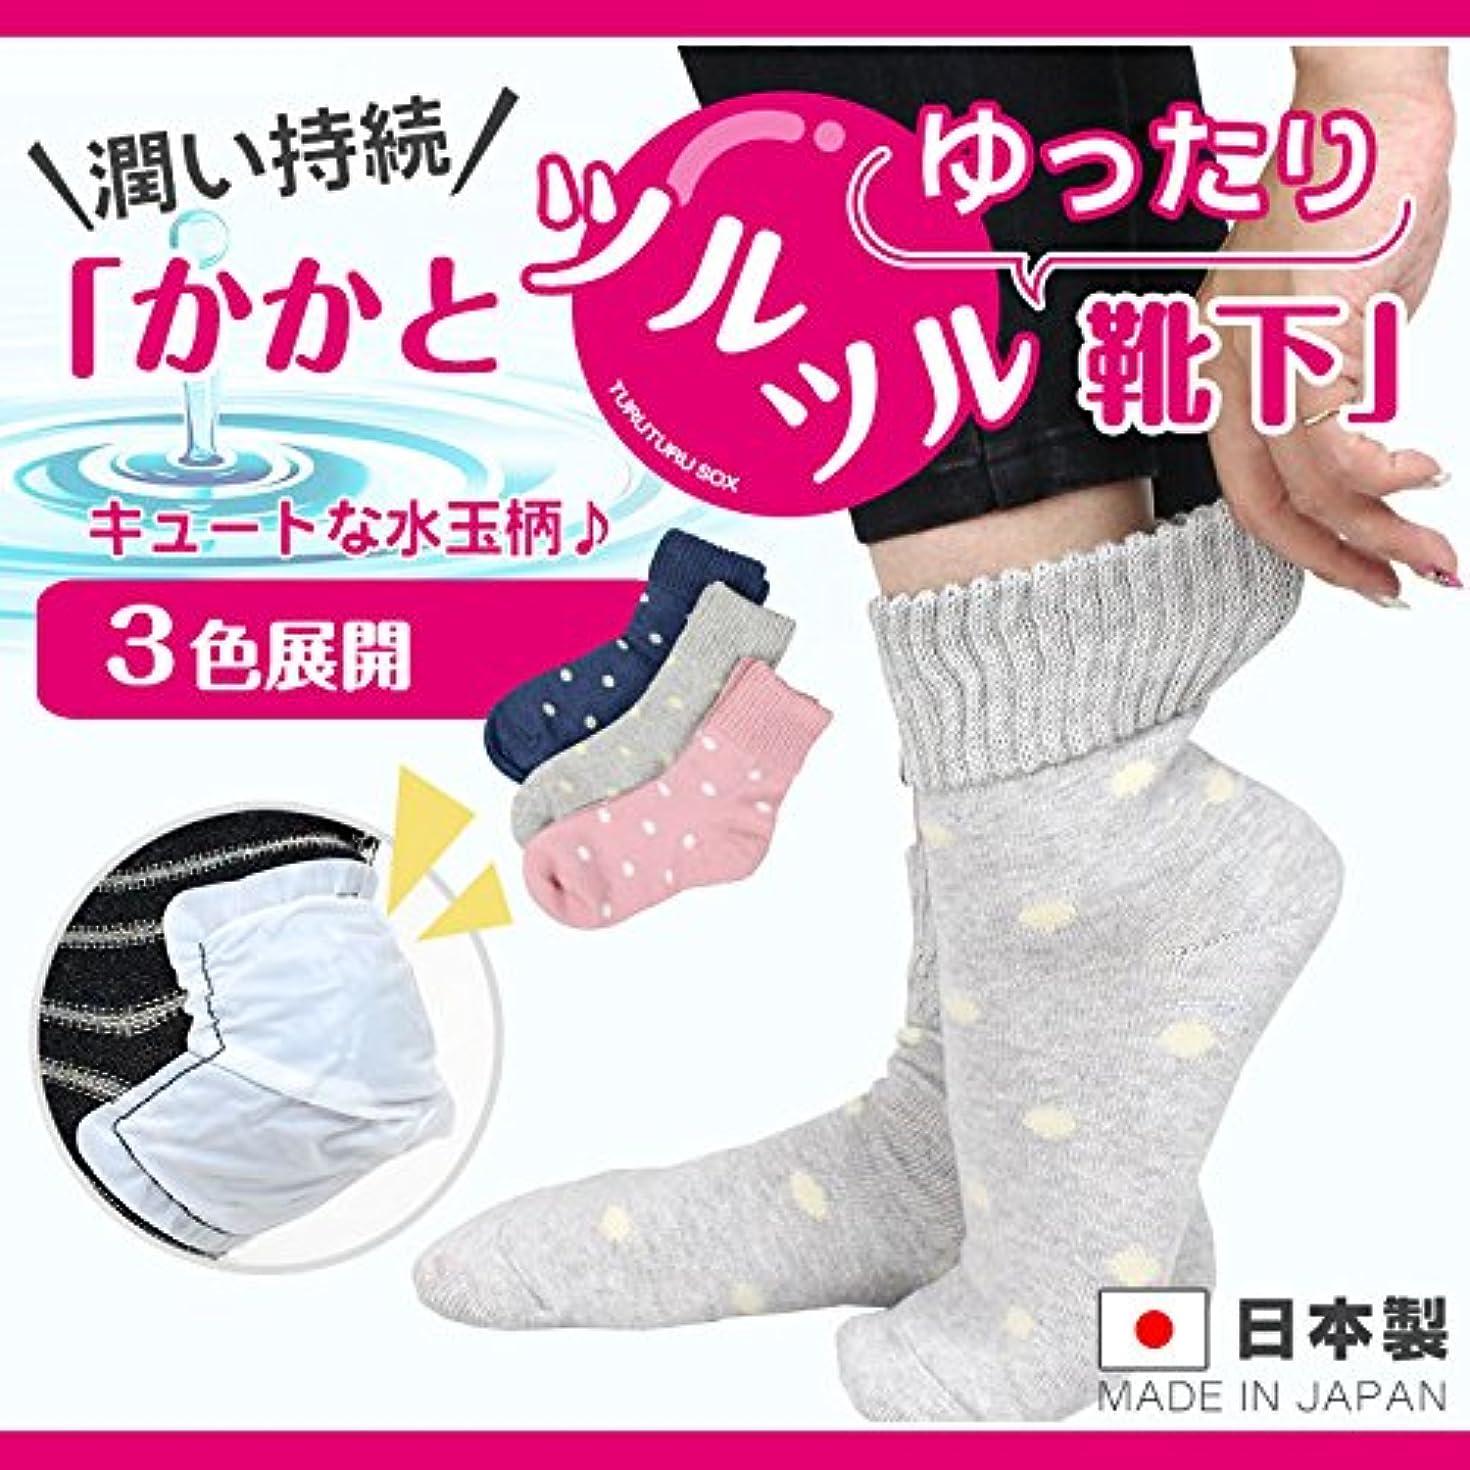 市民横適度なかかと ツルツル 靴下 薄手 ゆったり 水玉柄 かかと 角質 ケア ひび割れ 対策 23-25cm 太陽ニット592 (デニム)